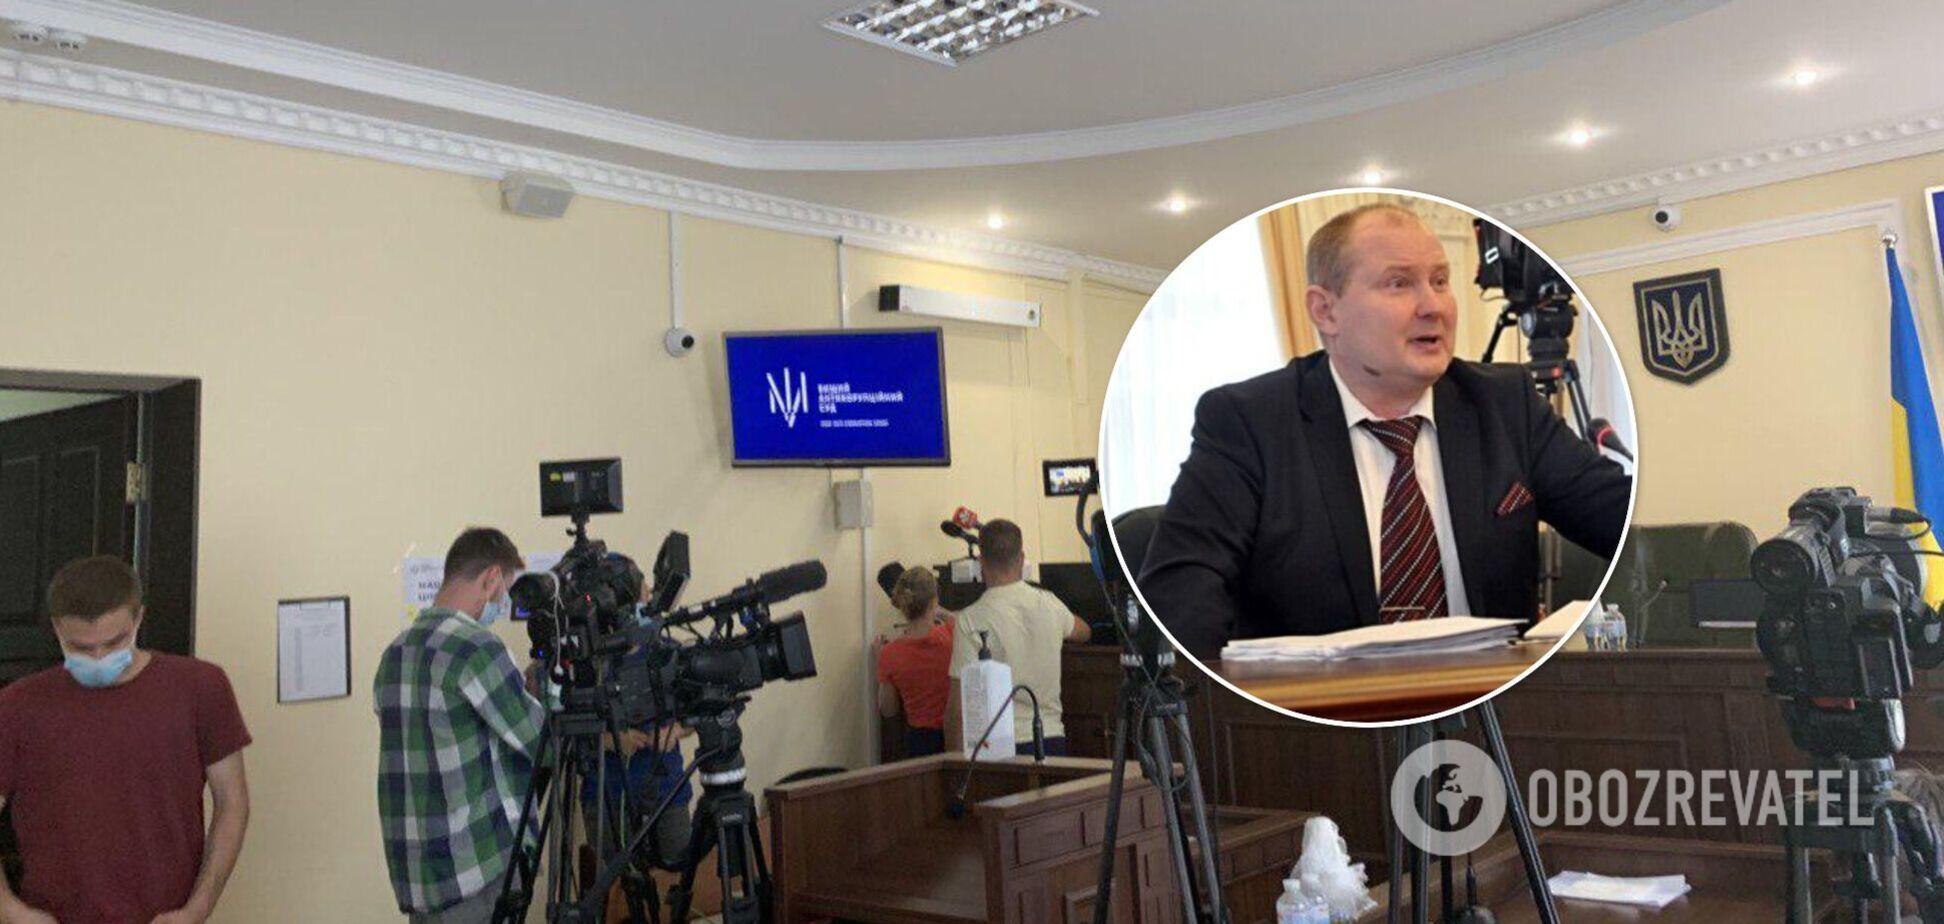 Чаус на суді заявив про отруєну жуйку: ЗМІ дізналися зміст свідчень екссудді